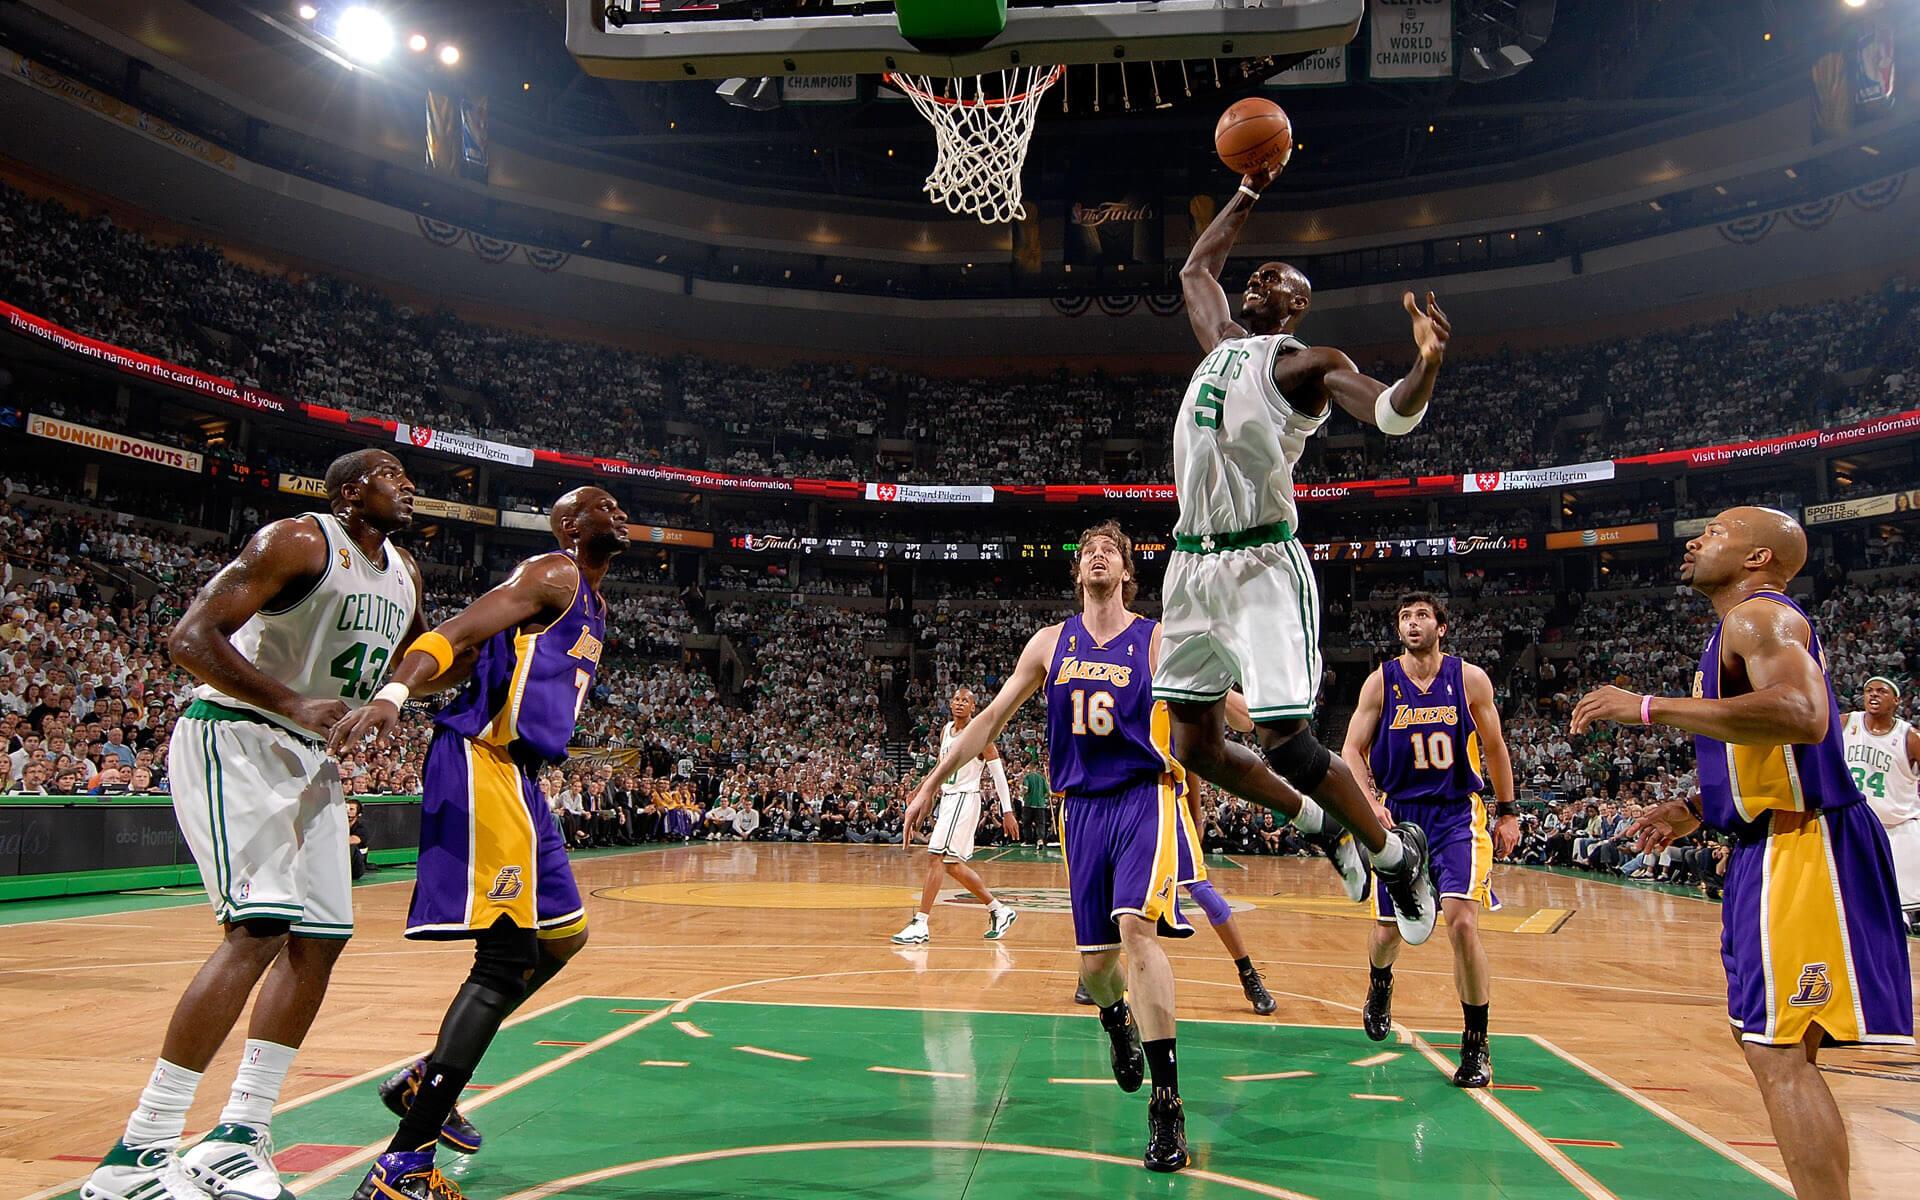 LA Lakers vs Boston Celtics NBA basketball